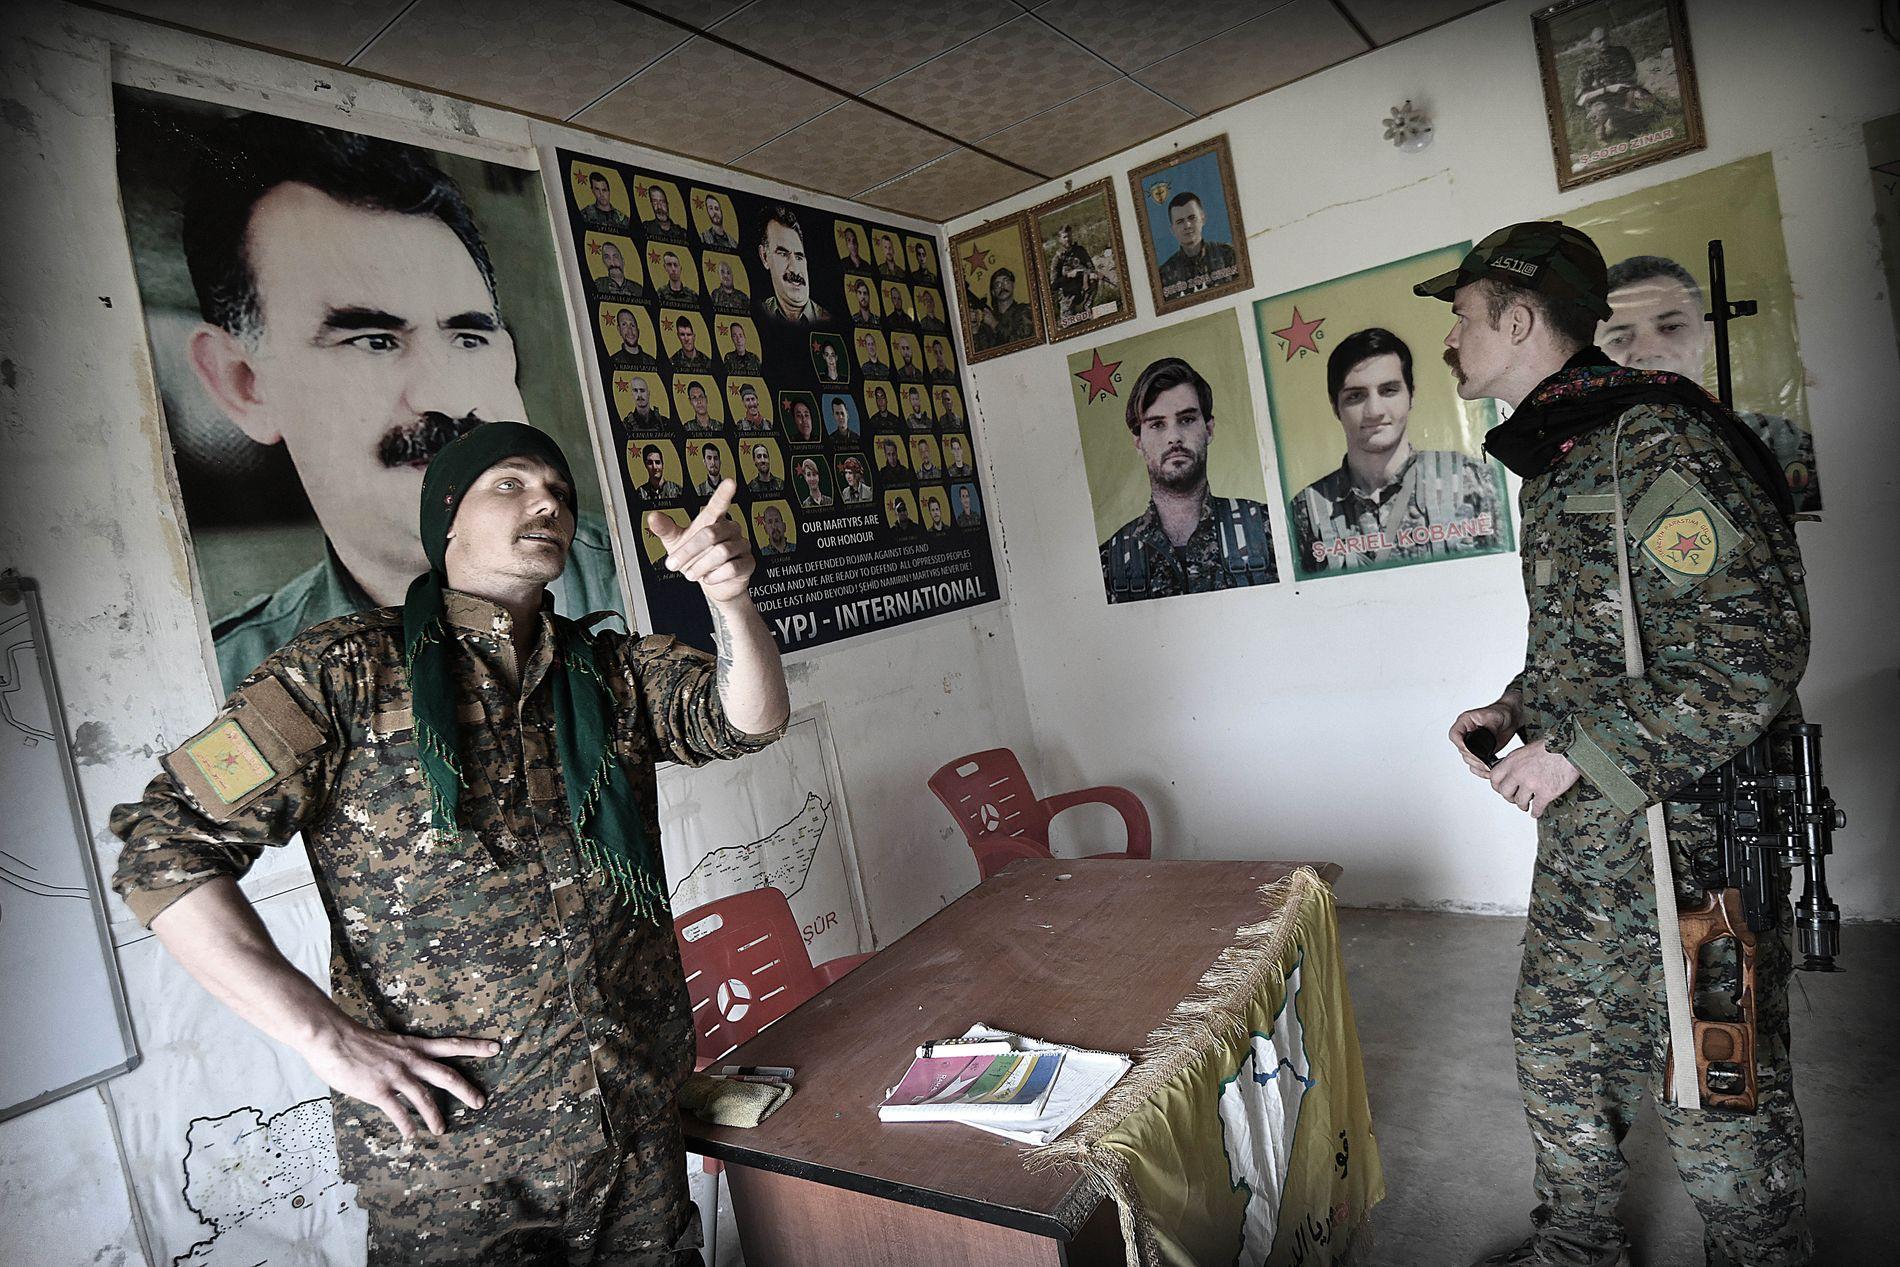 REISTE FRA EUROPA: Her viser den tyske fremmedkrigeren Egid Tekoser fram akademiet der YPG trener krigere fra utlandet.